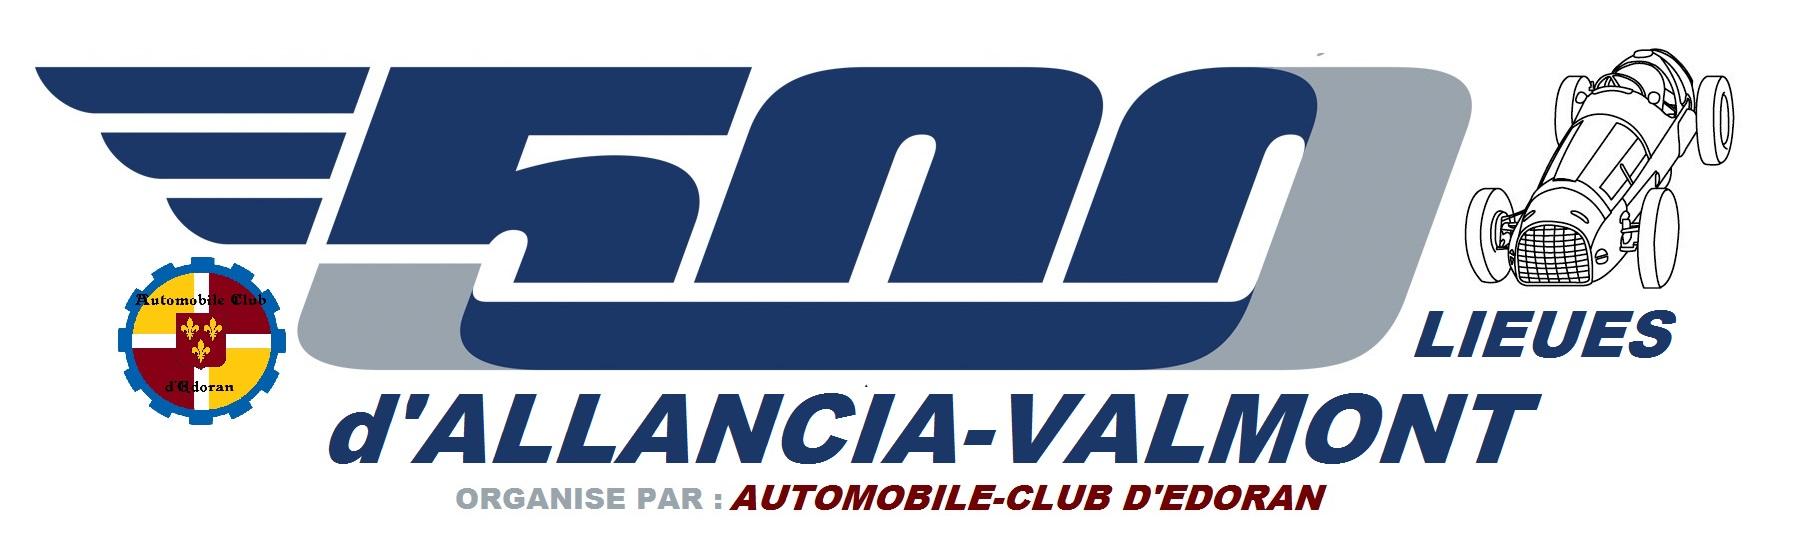 Les 500 lieues d'Allancia-Valmont - Page 5 1906030945456391416261267